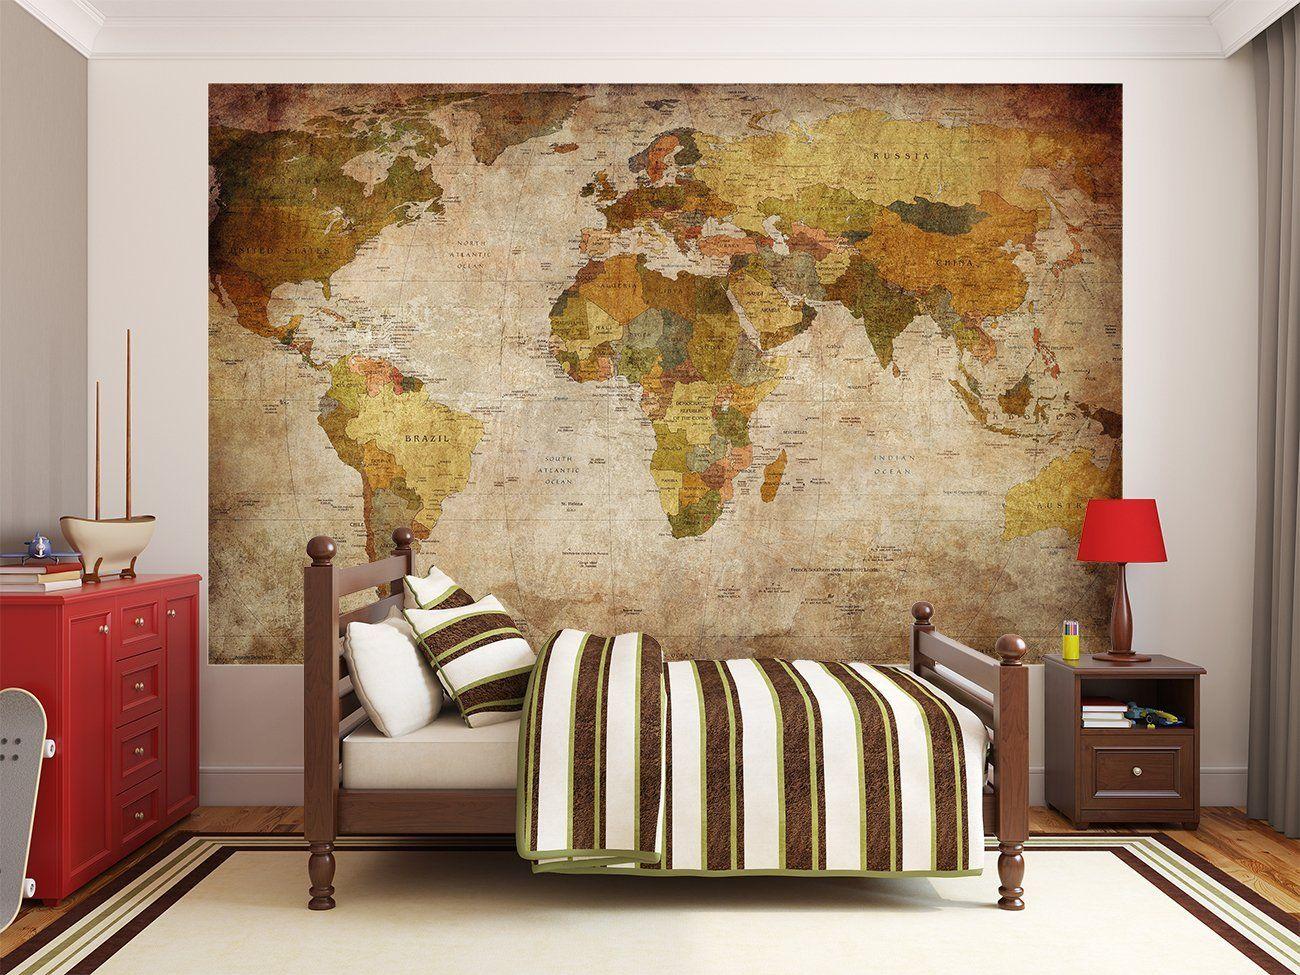 Deco Murale Mappemonde à papier peint photo mappemonde - motif vintage retro - image murale